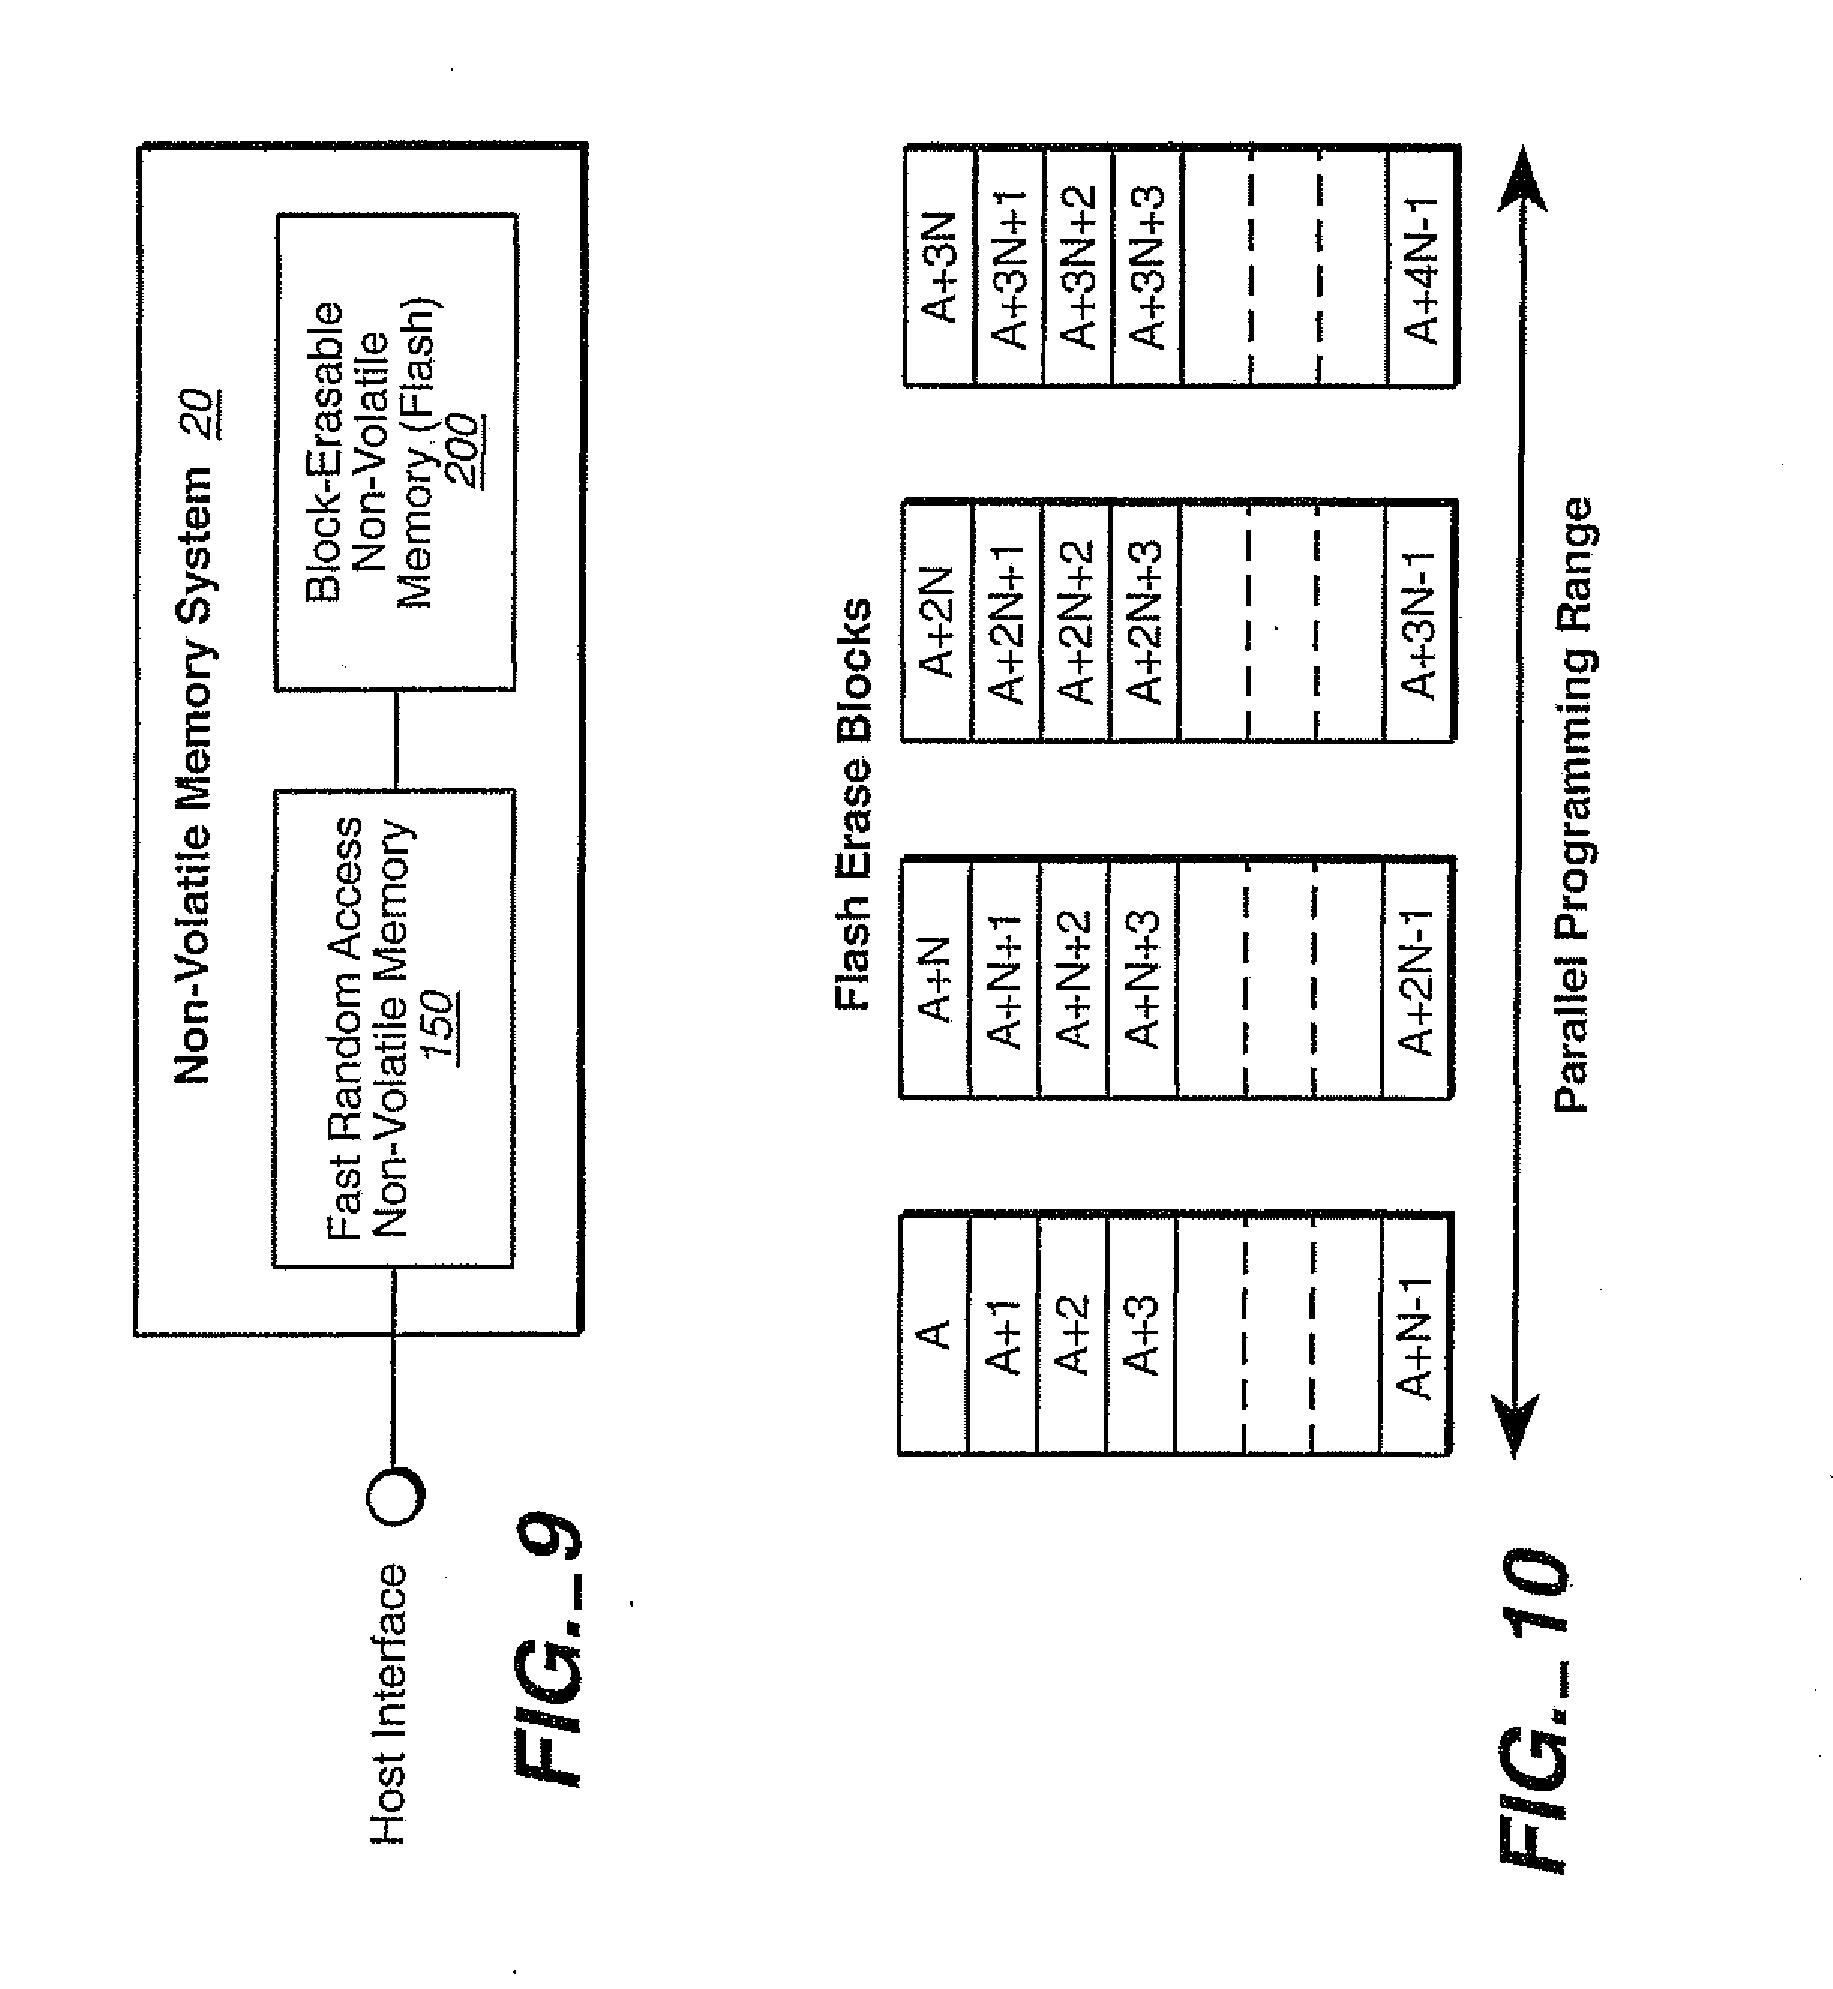 patent us20100023681